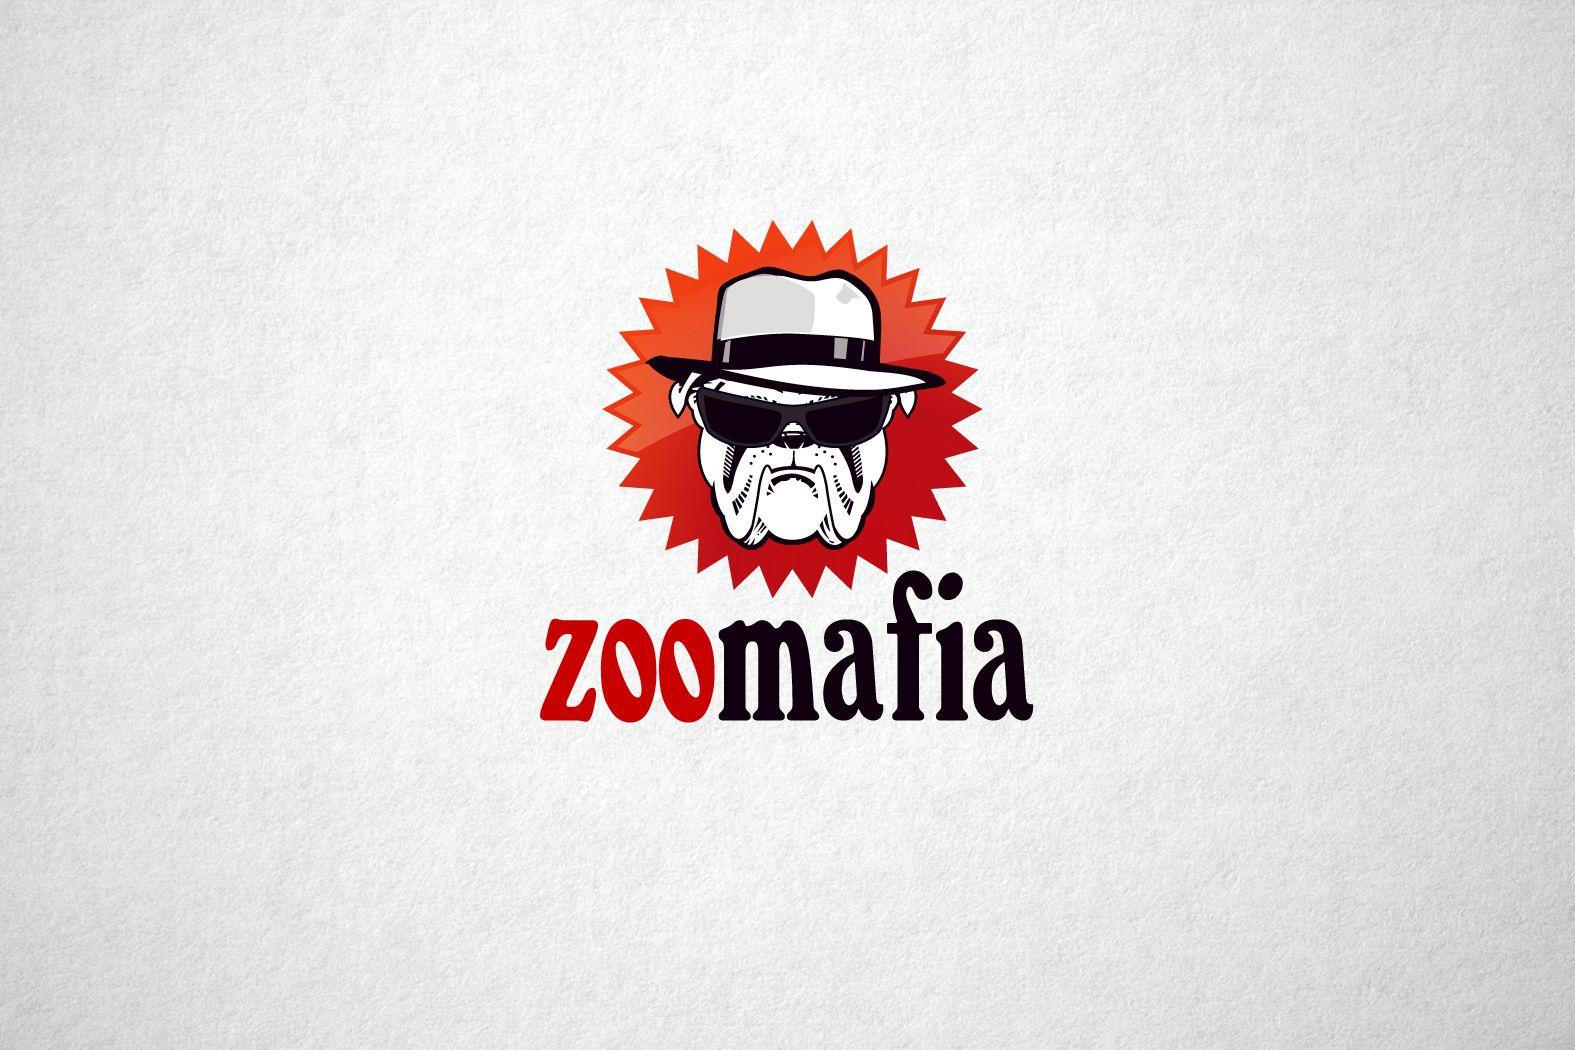 Логотип для интернет магазина зоотоваров - дизайнер funkielevis